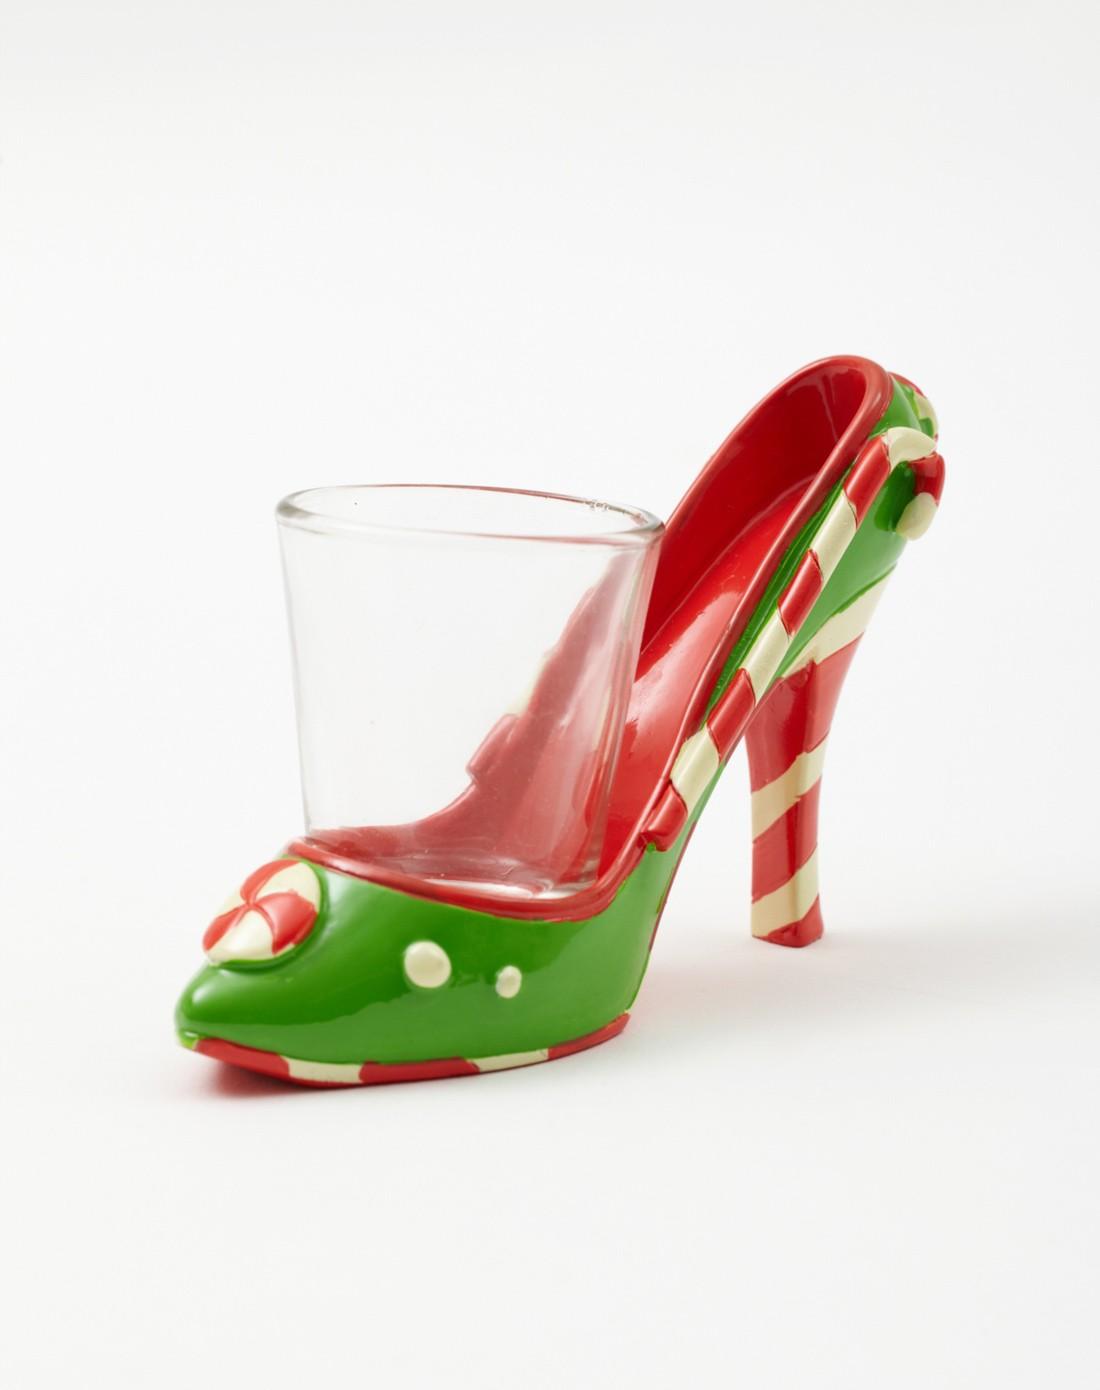 美式创意树脂手绘高跟鞋